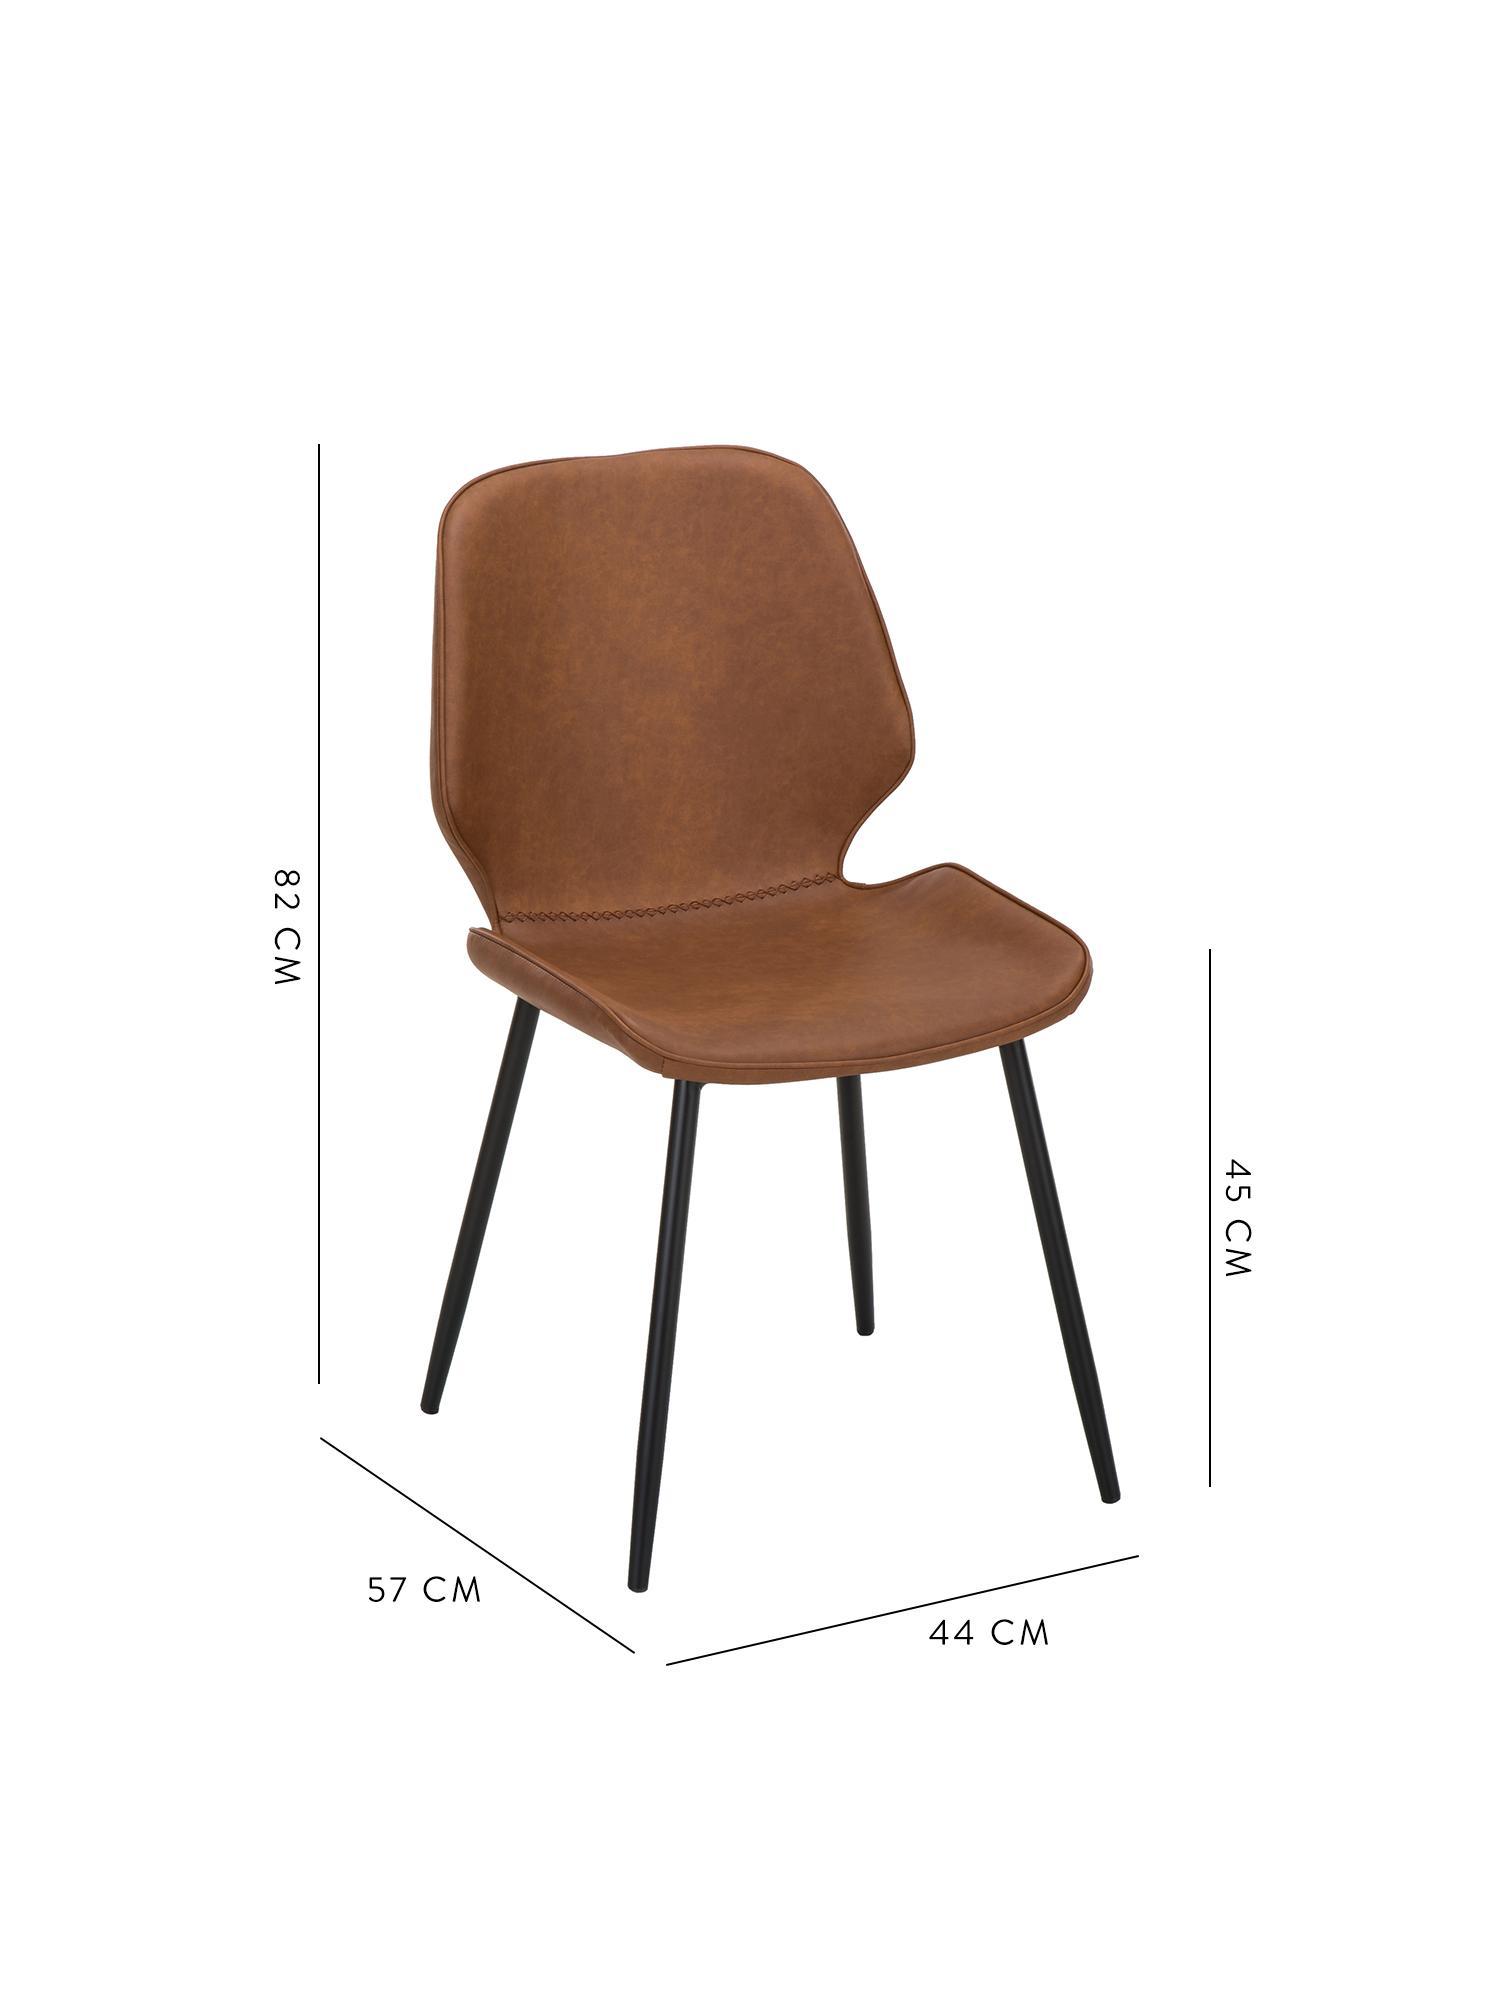 Kunstleder-Polsterstühle Louis, 2 Stück, Bezug: Kunstleder (65% Polyethyl, Beine: Metall, pulverbeschichtet, Cognac, B 44 x T 57 cm